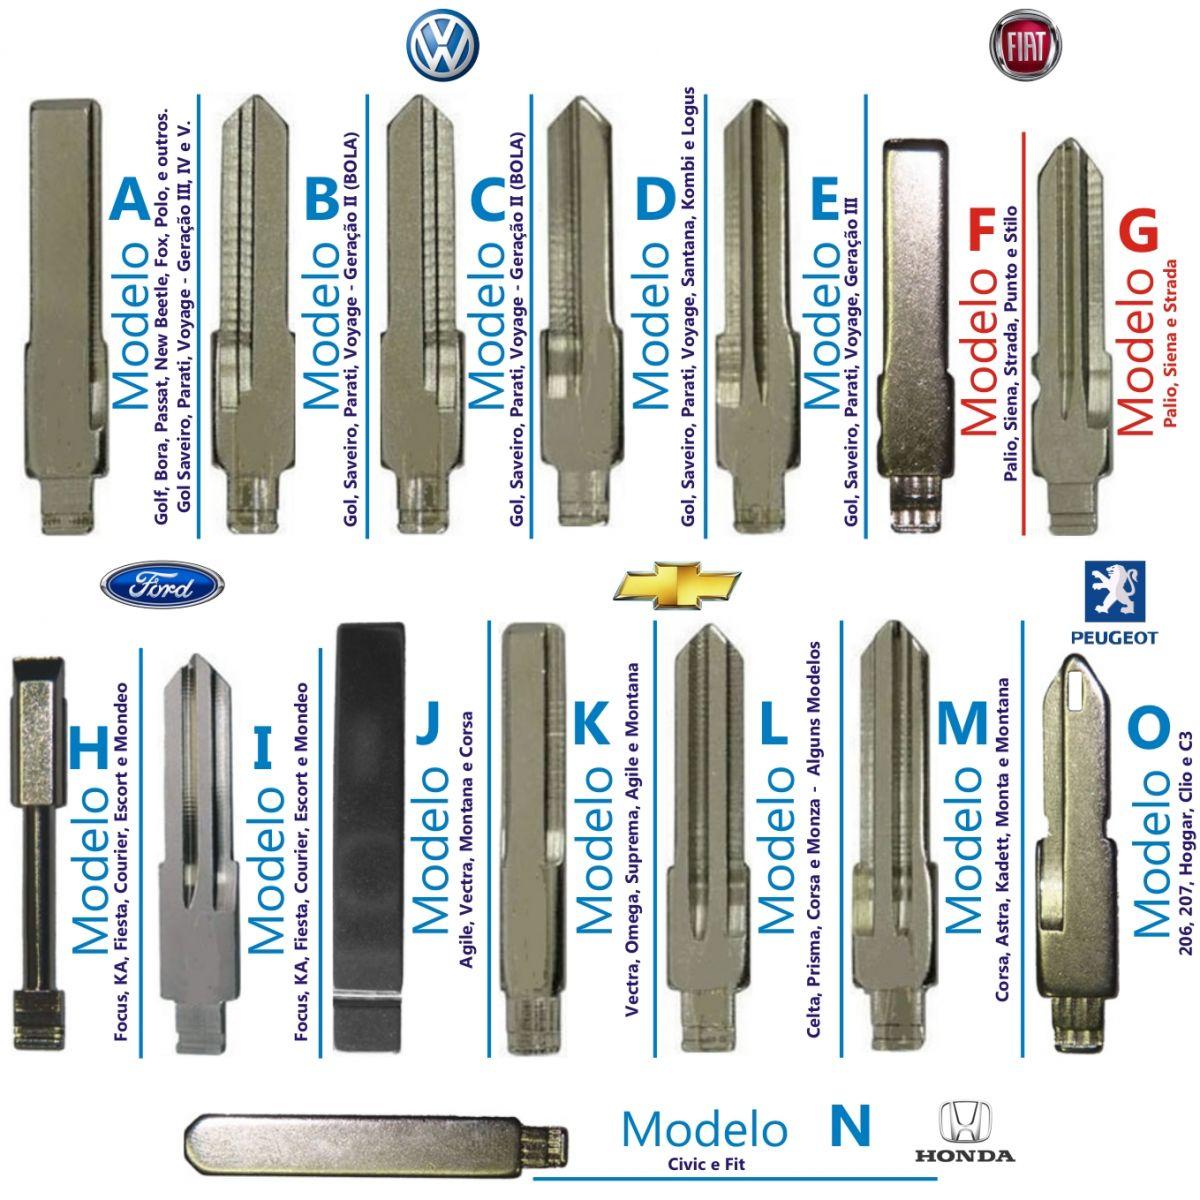 Chave Canivete Chevrolet GM + Placa Alarme Positron + Lamina Astra Montana Corsa Celta Prisma Corsa